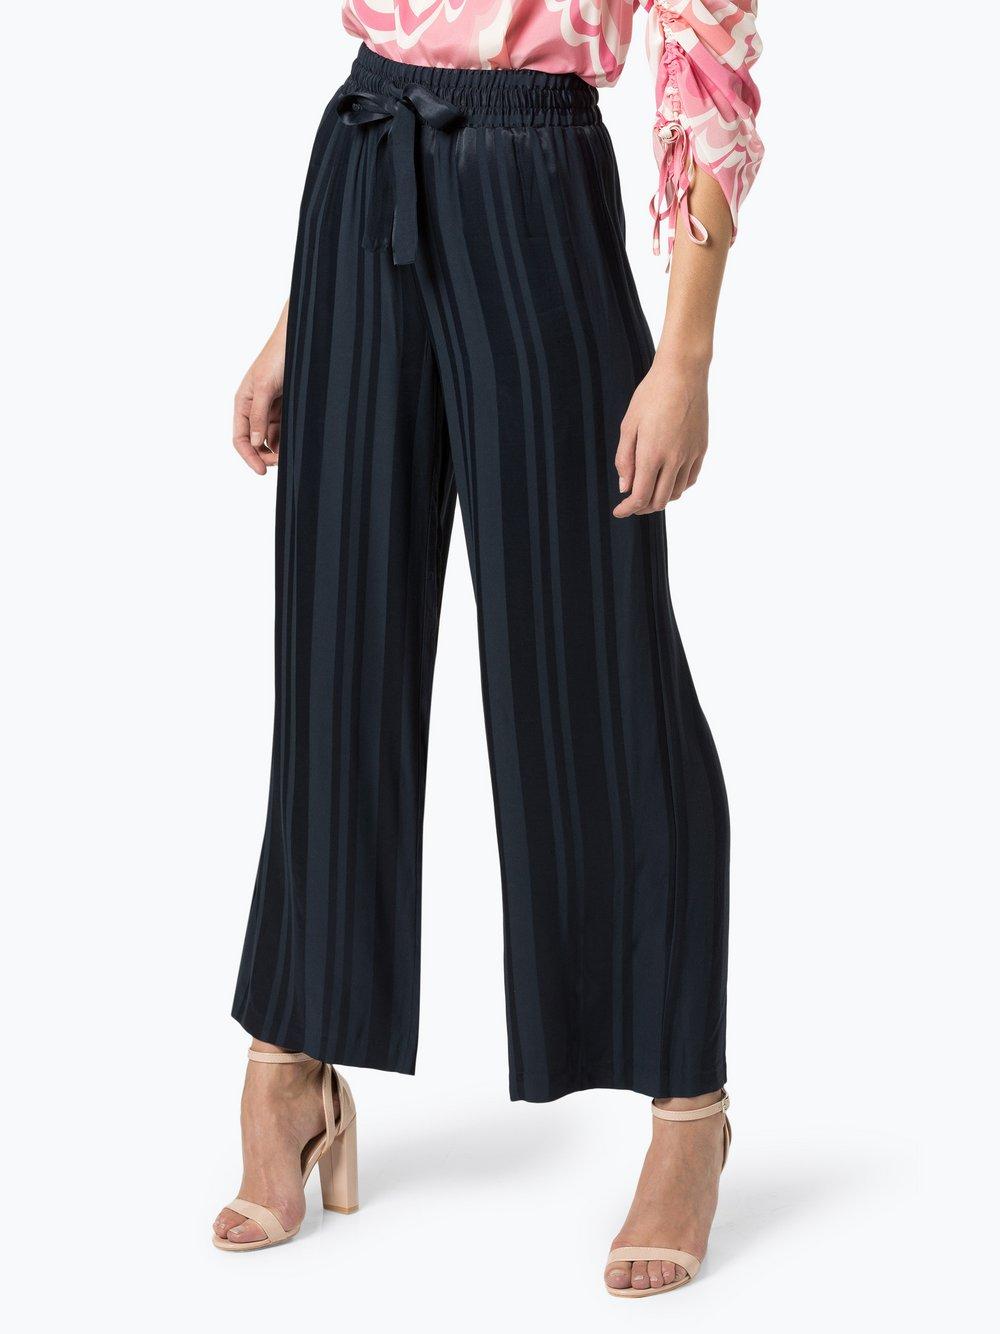 Y.A.S – Spodnie damskie, niebieski Van Graaf 434214-0001